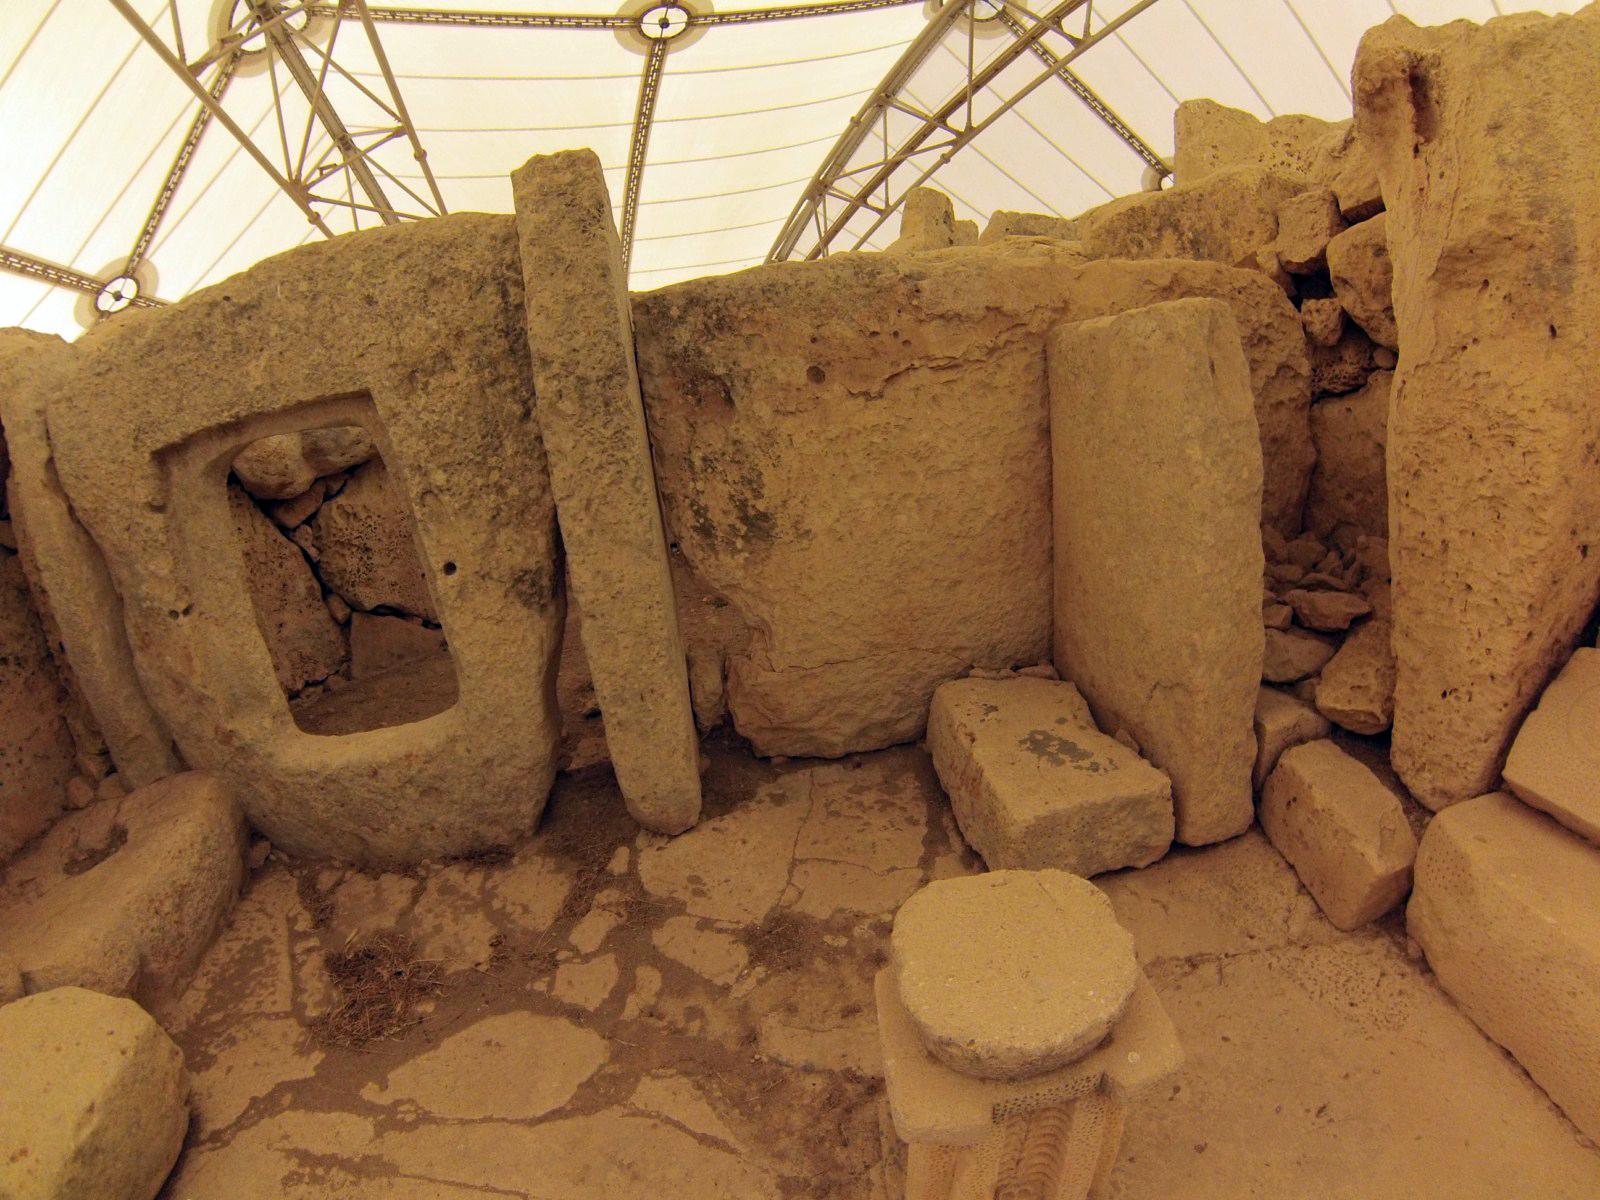 Templos de Hagar Qim y Mnajdra templos de hagar qim y mnajdra en malta - 9396304068 e585066b4a o - Templos de Hagar Qim y Mnajdra en Malta